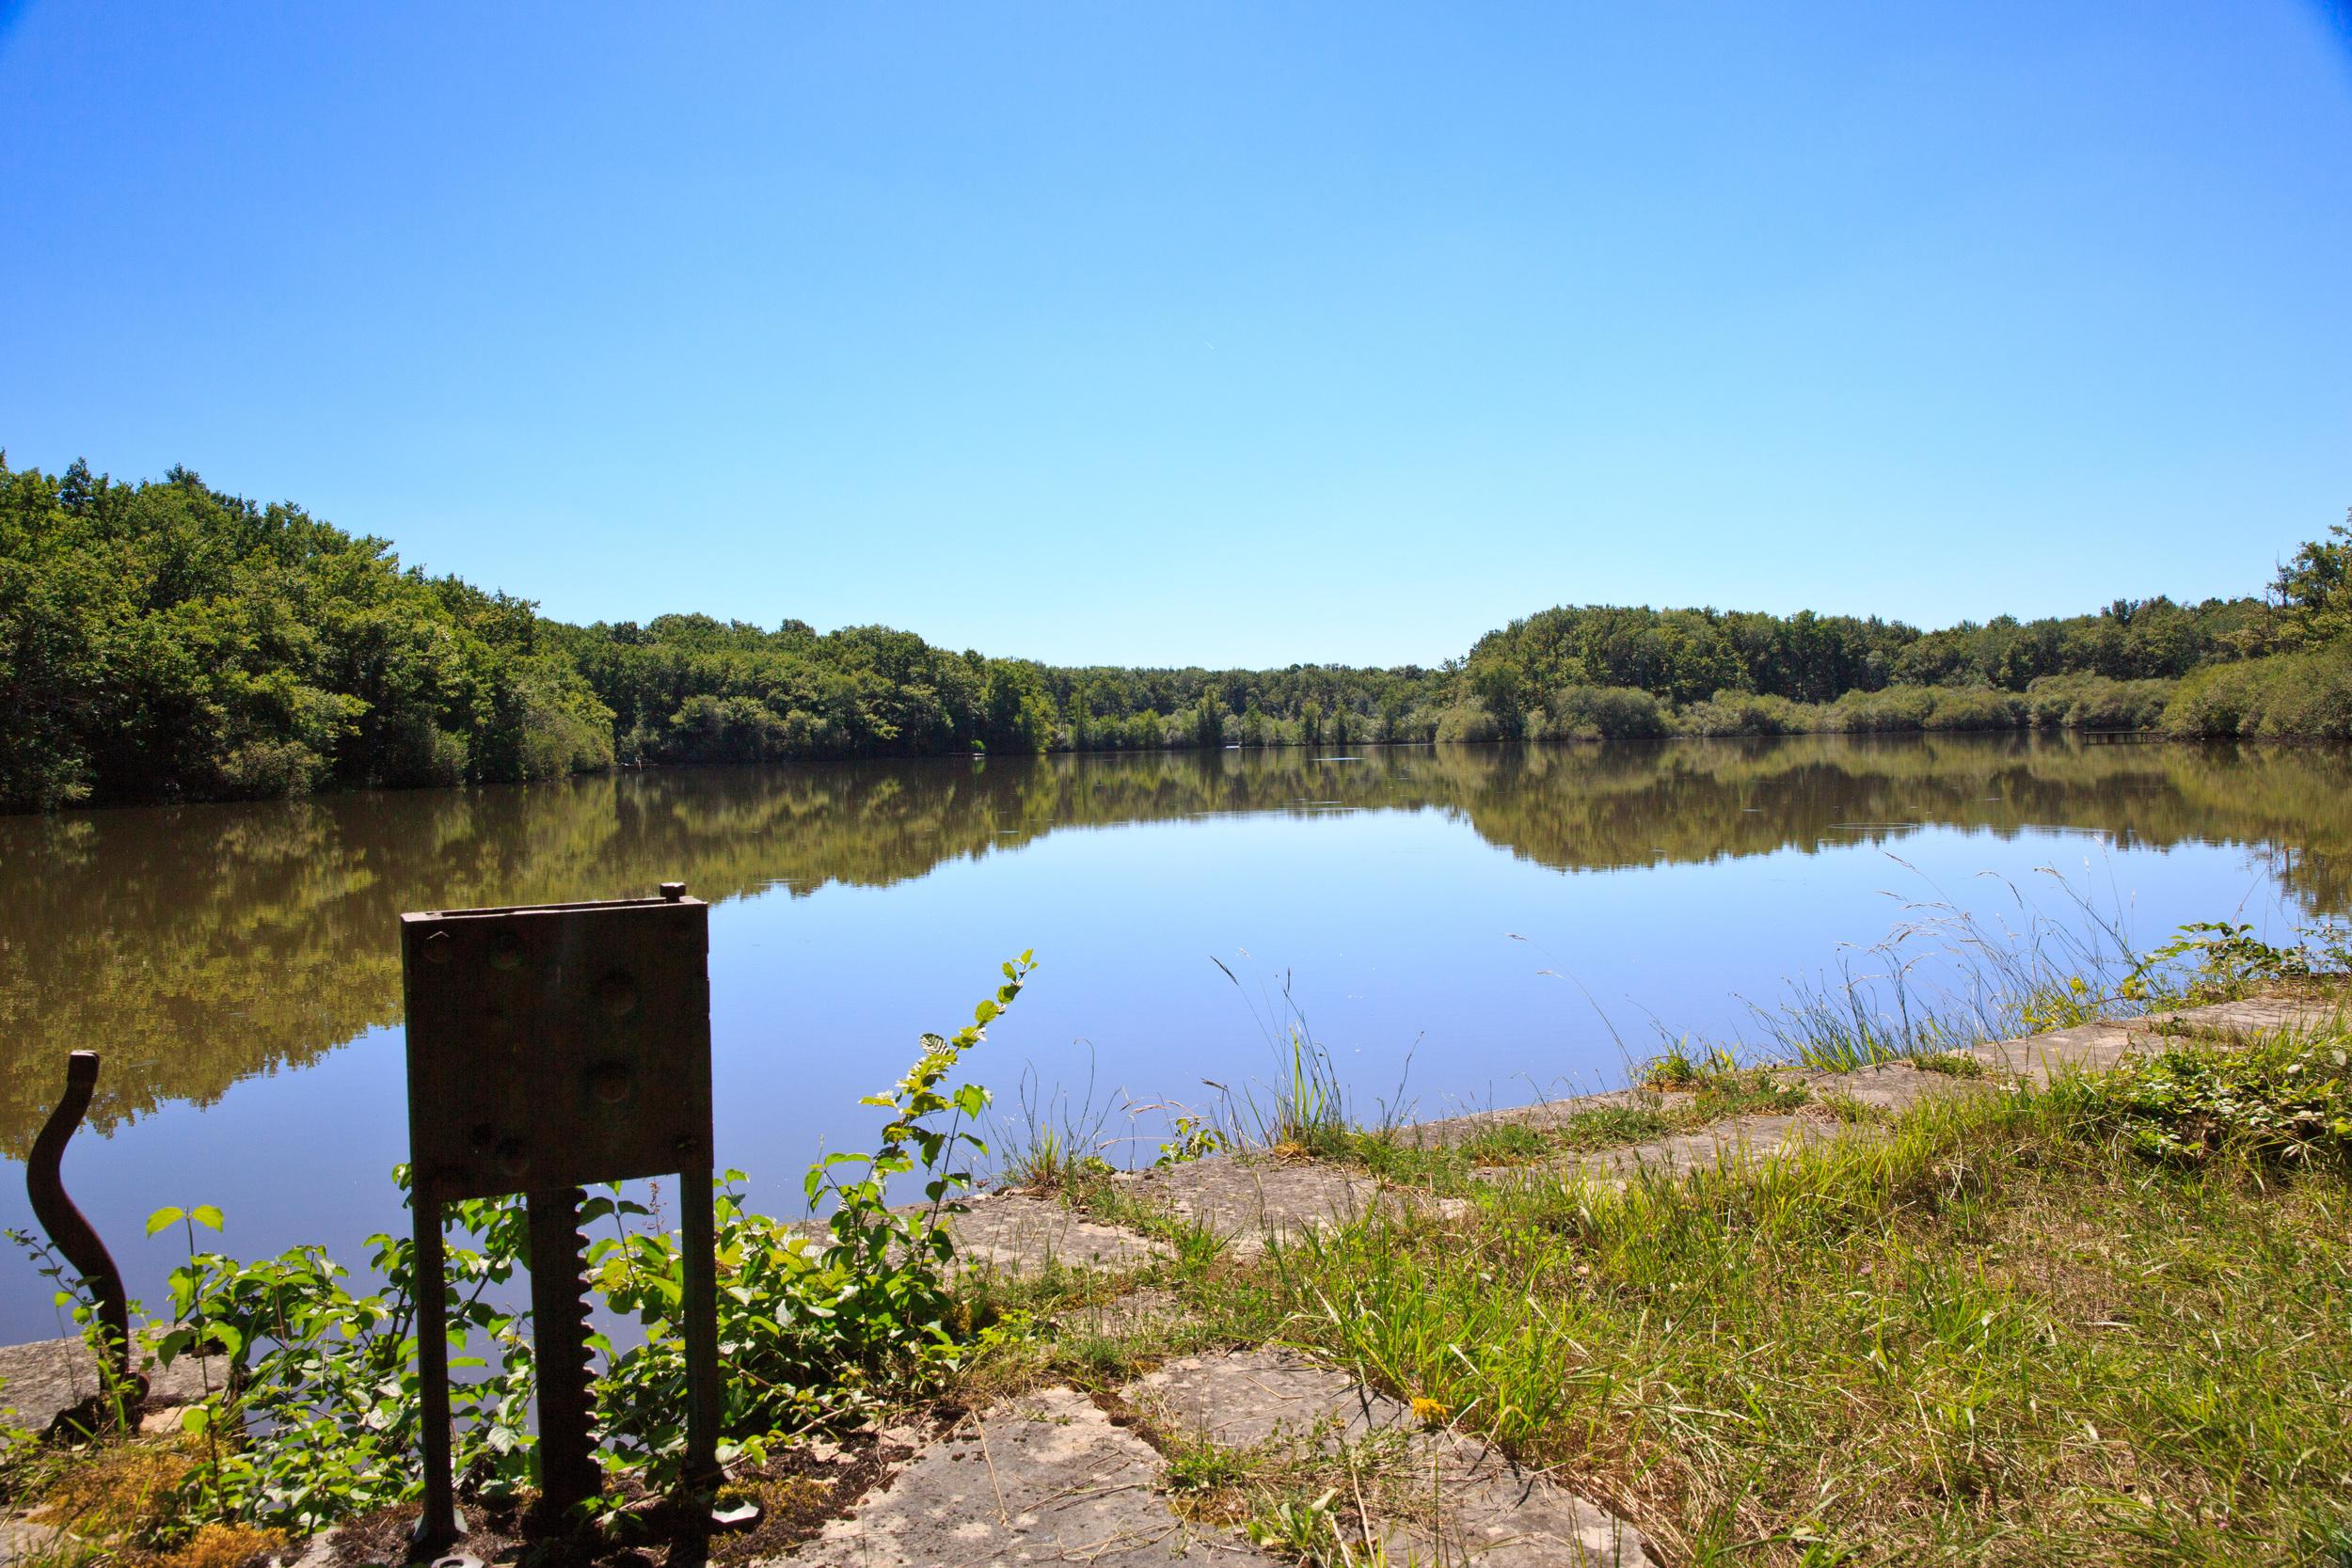 Lake-Meillant-2013_192.jpg